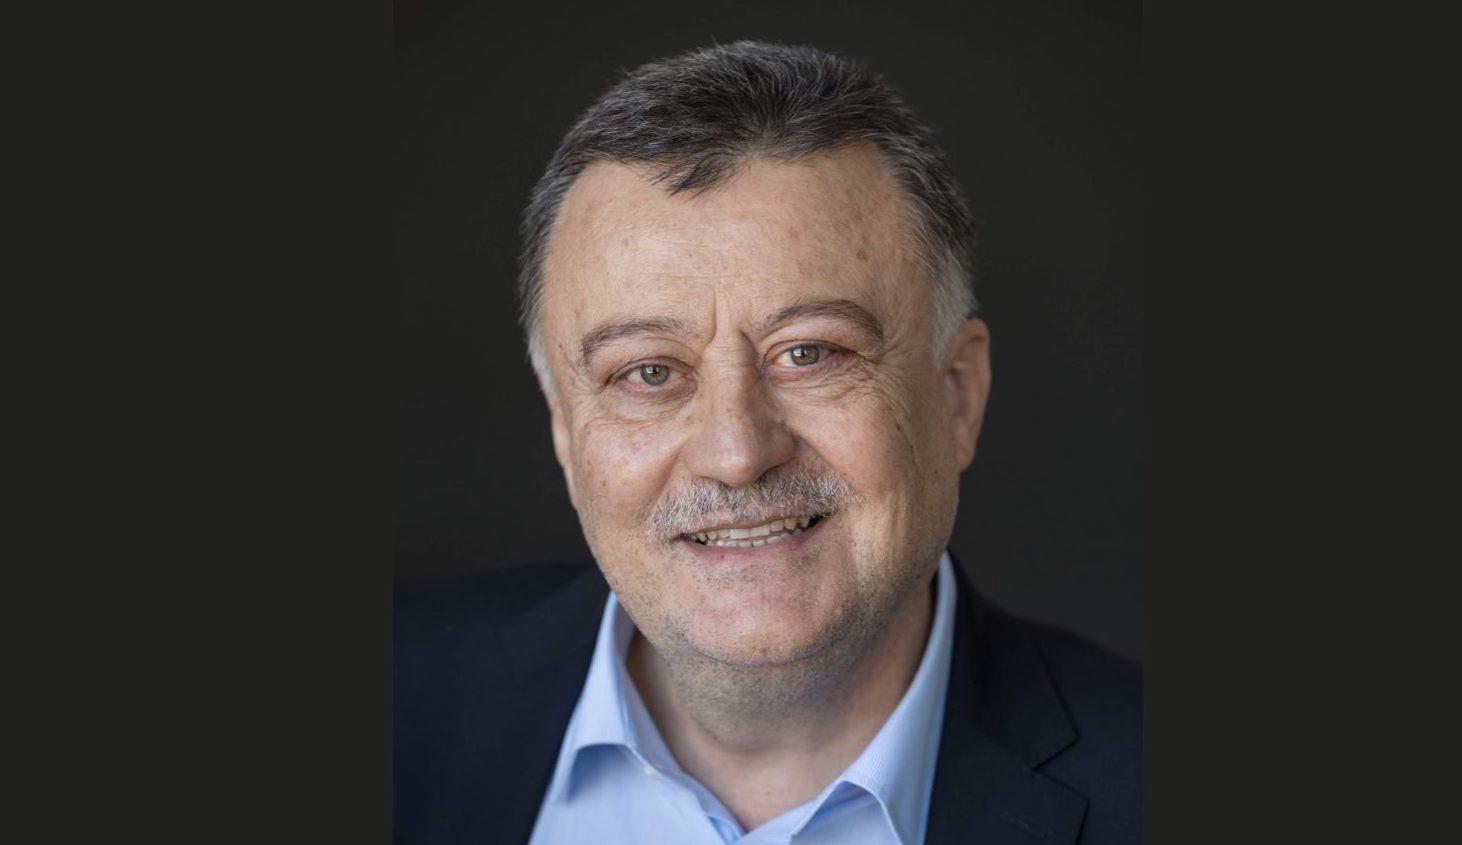 ETH Professor Konstantinos Boulouchos